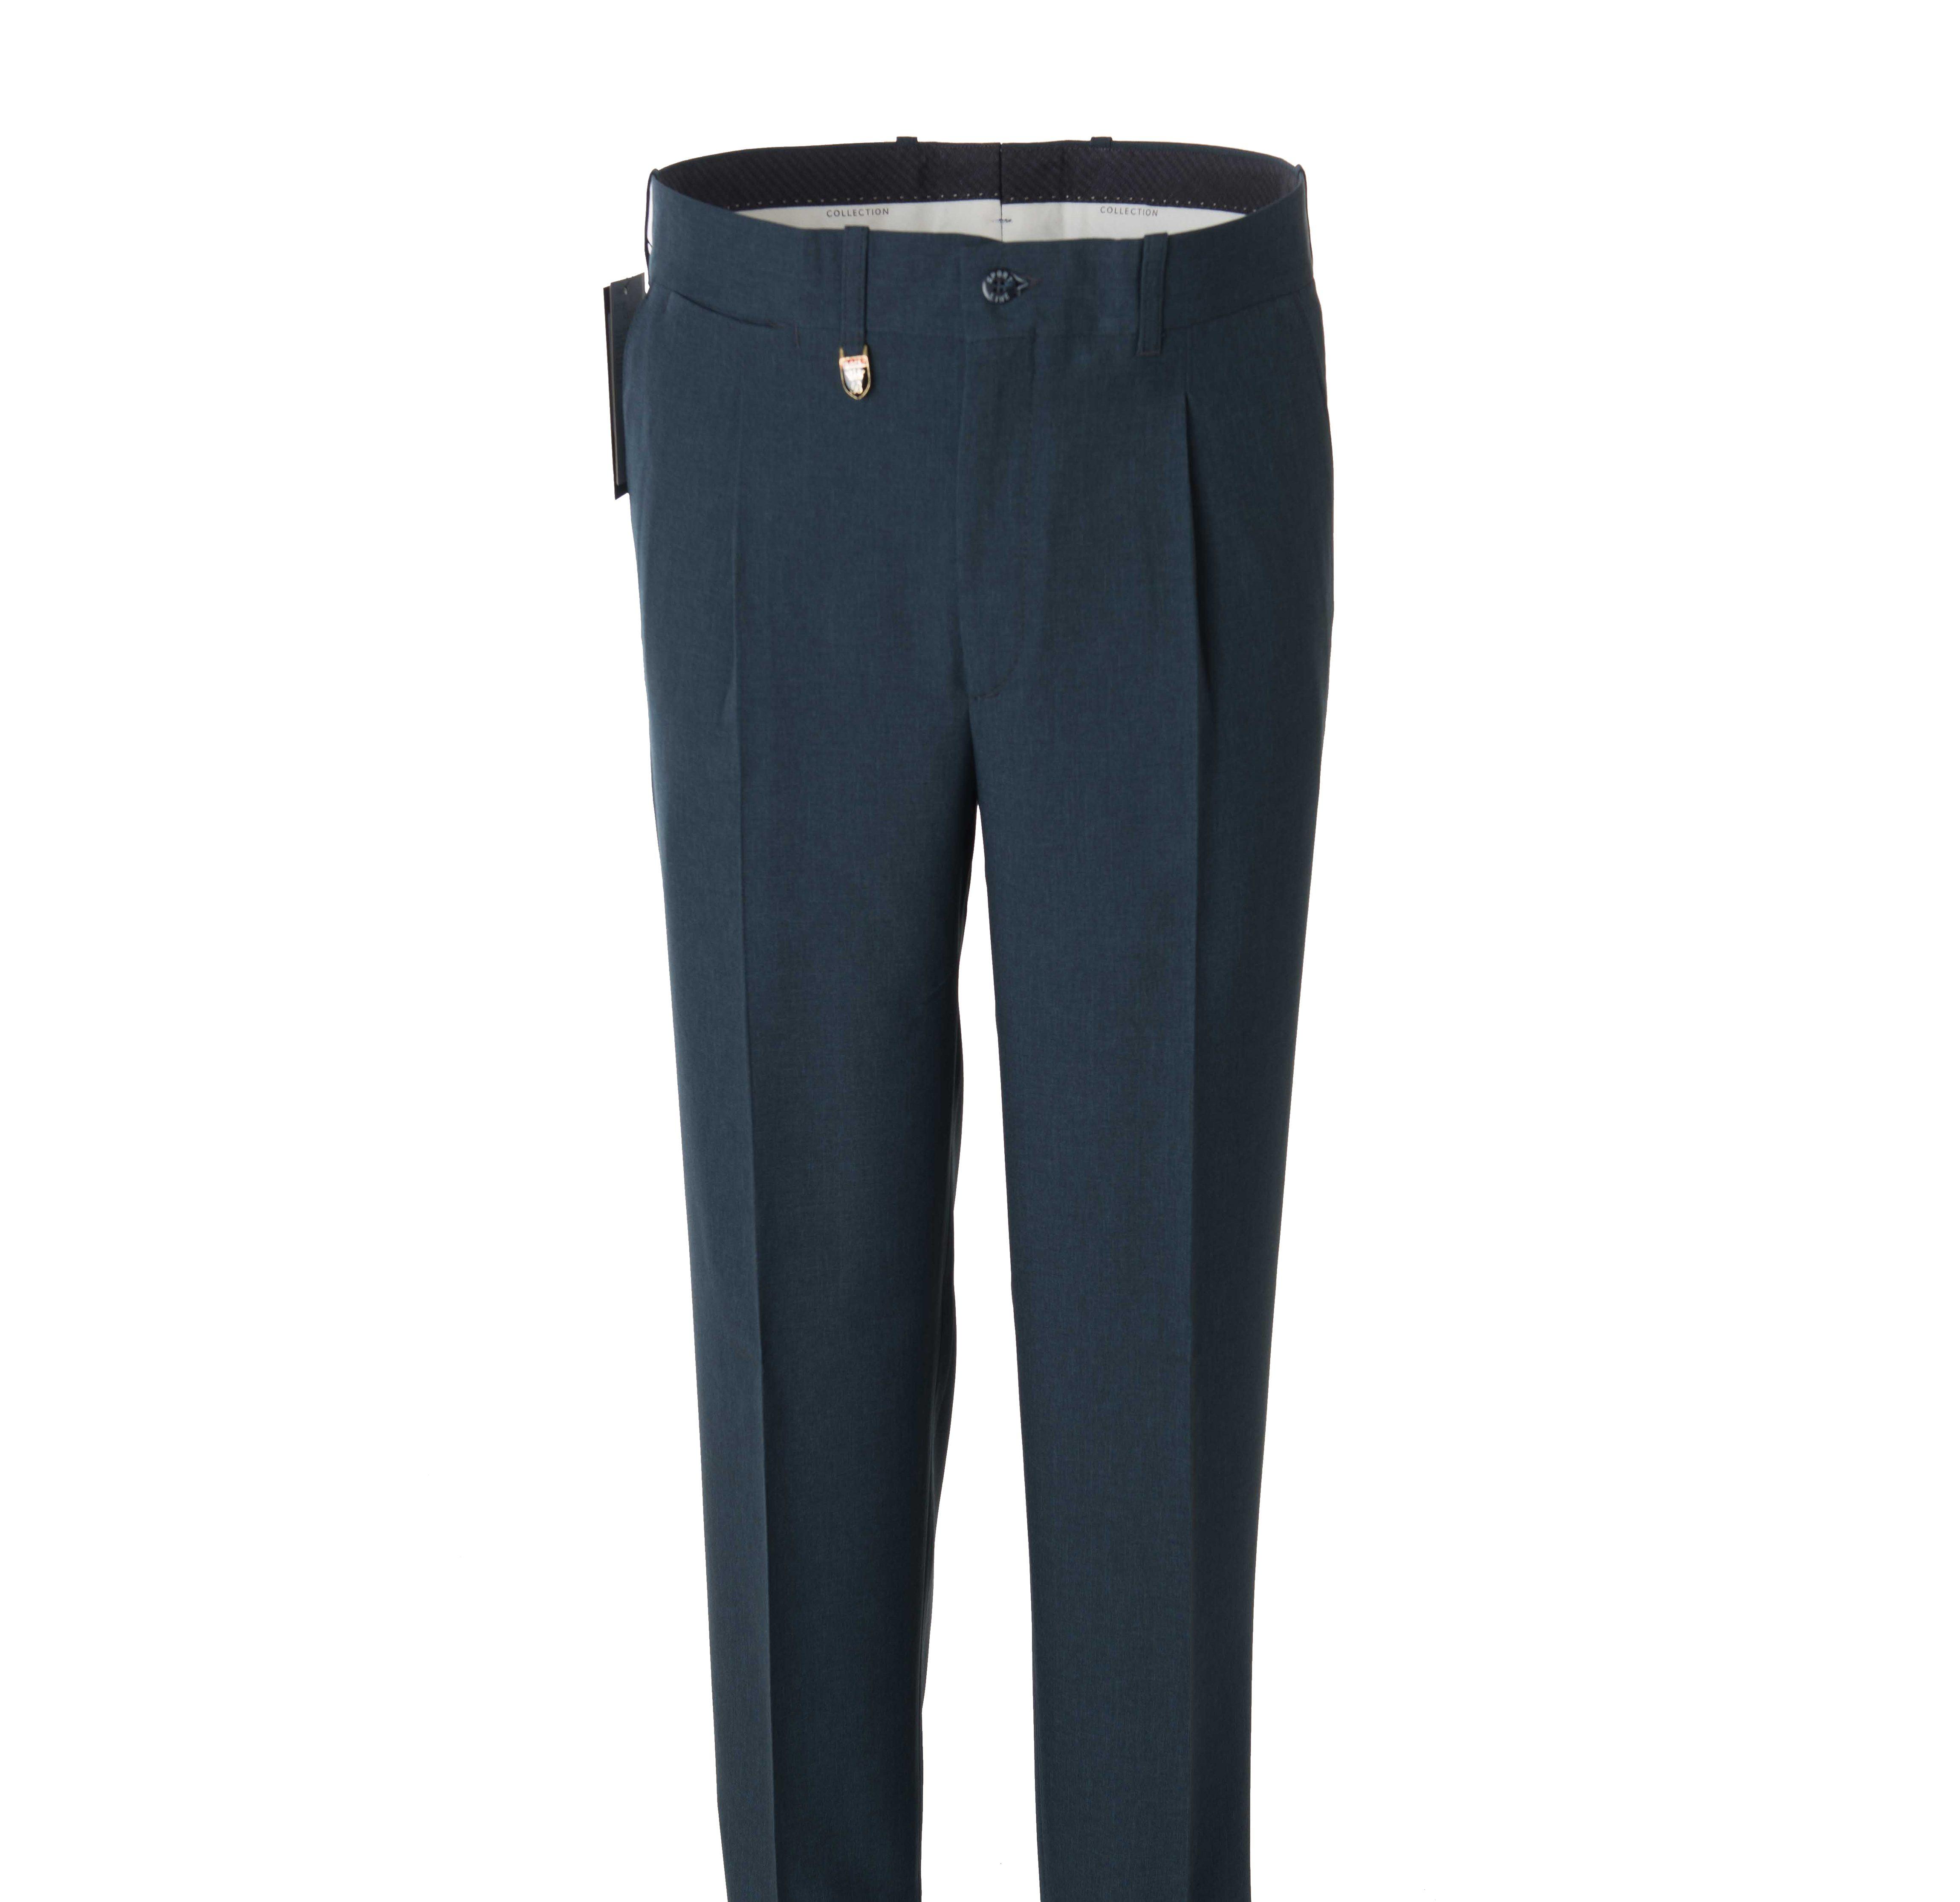 195427fff1 Pantalón de vestir una pinza para caballero - Pantalones Blaper